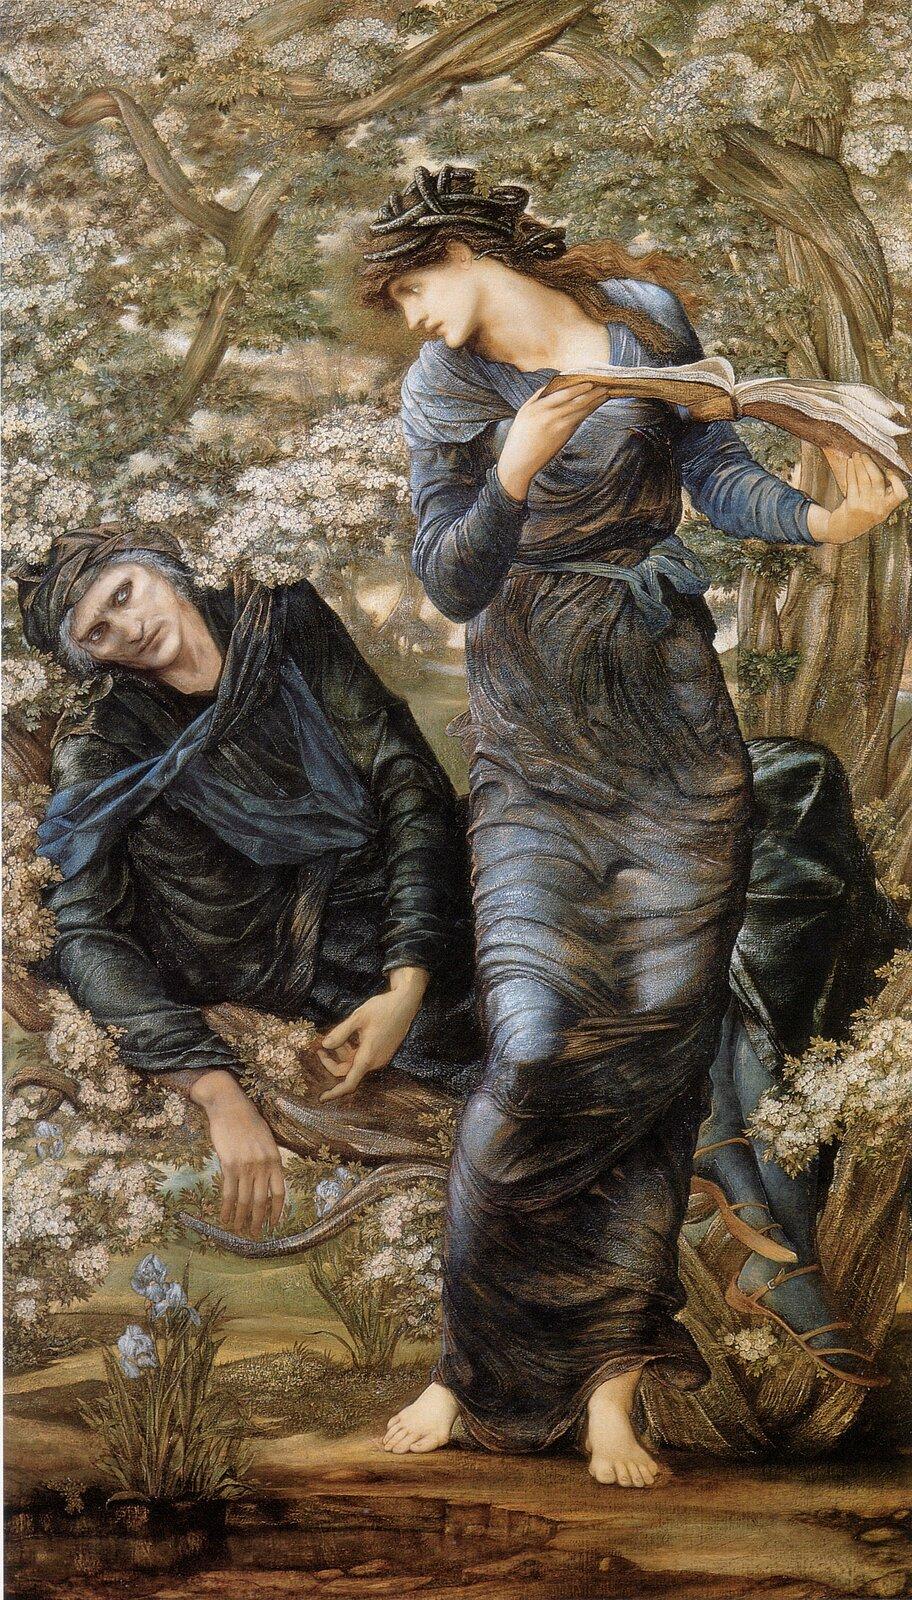 Oczarowanie Merlina Źródło: Edward Burne-Jones, Oczarowanie Merlina, 1874, olej na płótnie, domena publiczna.